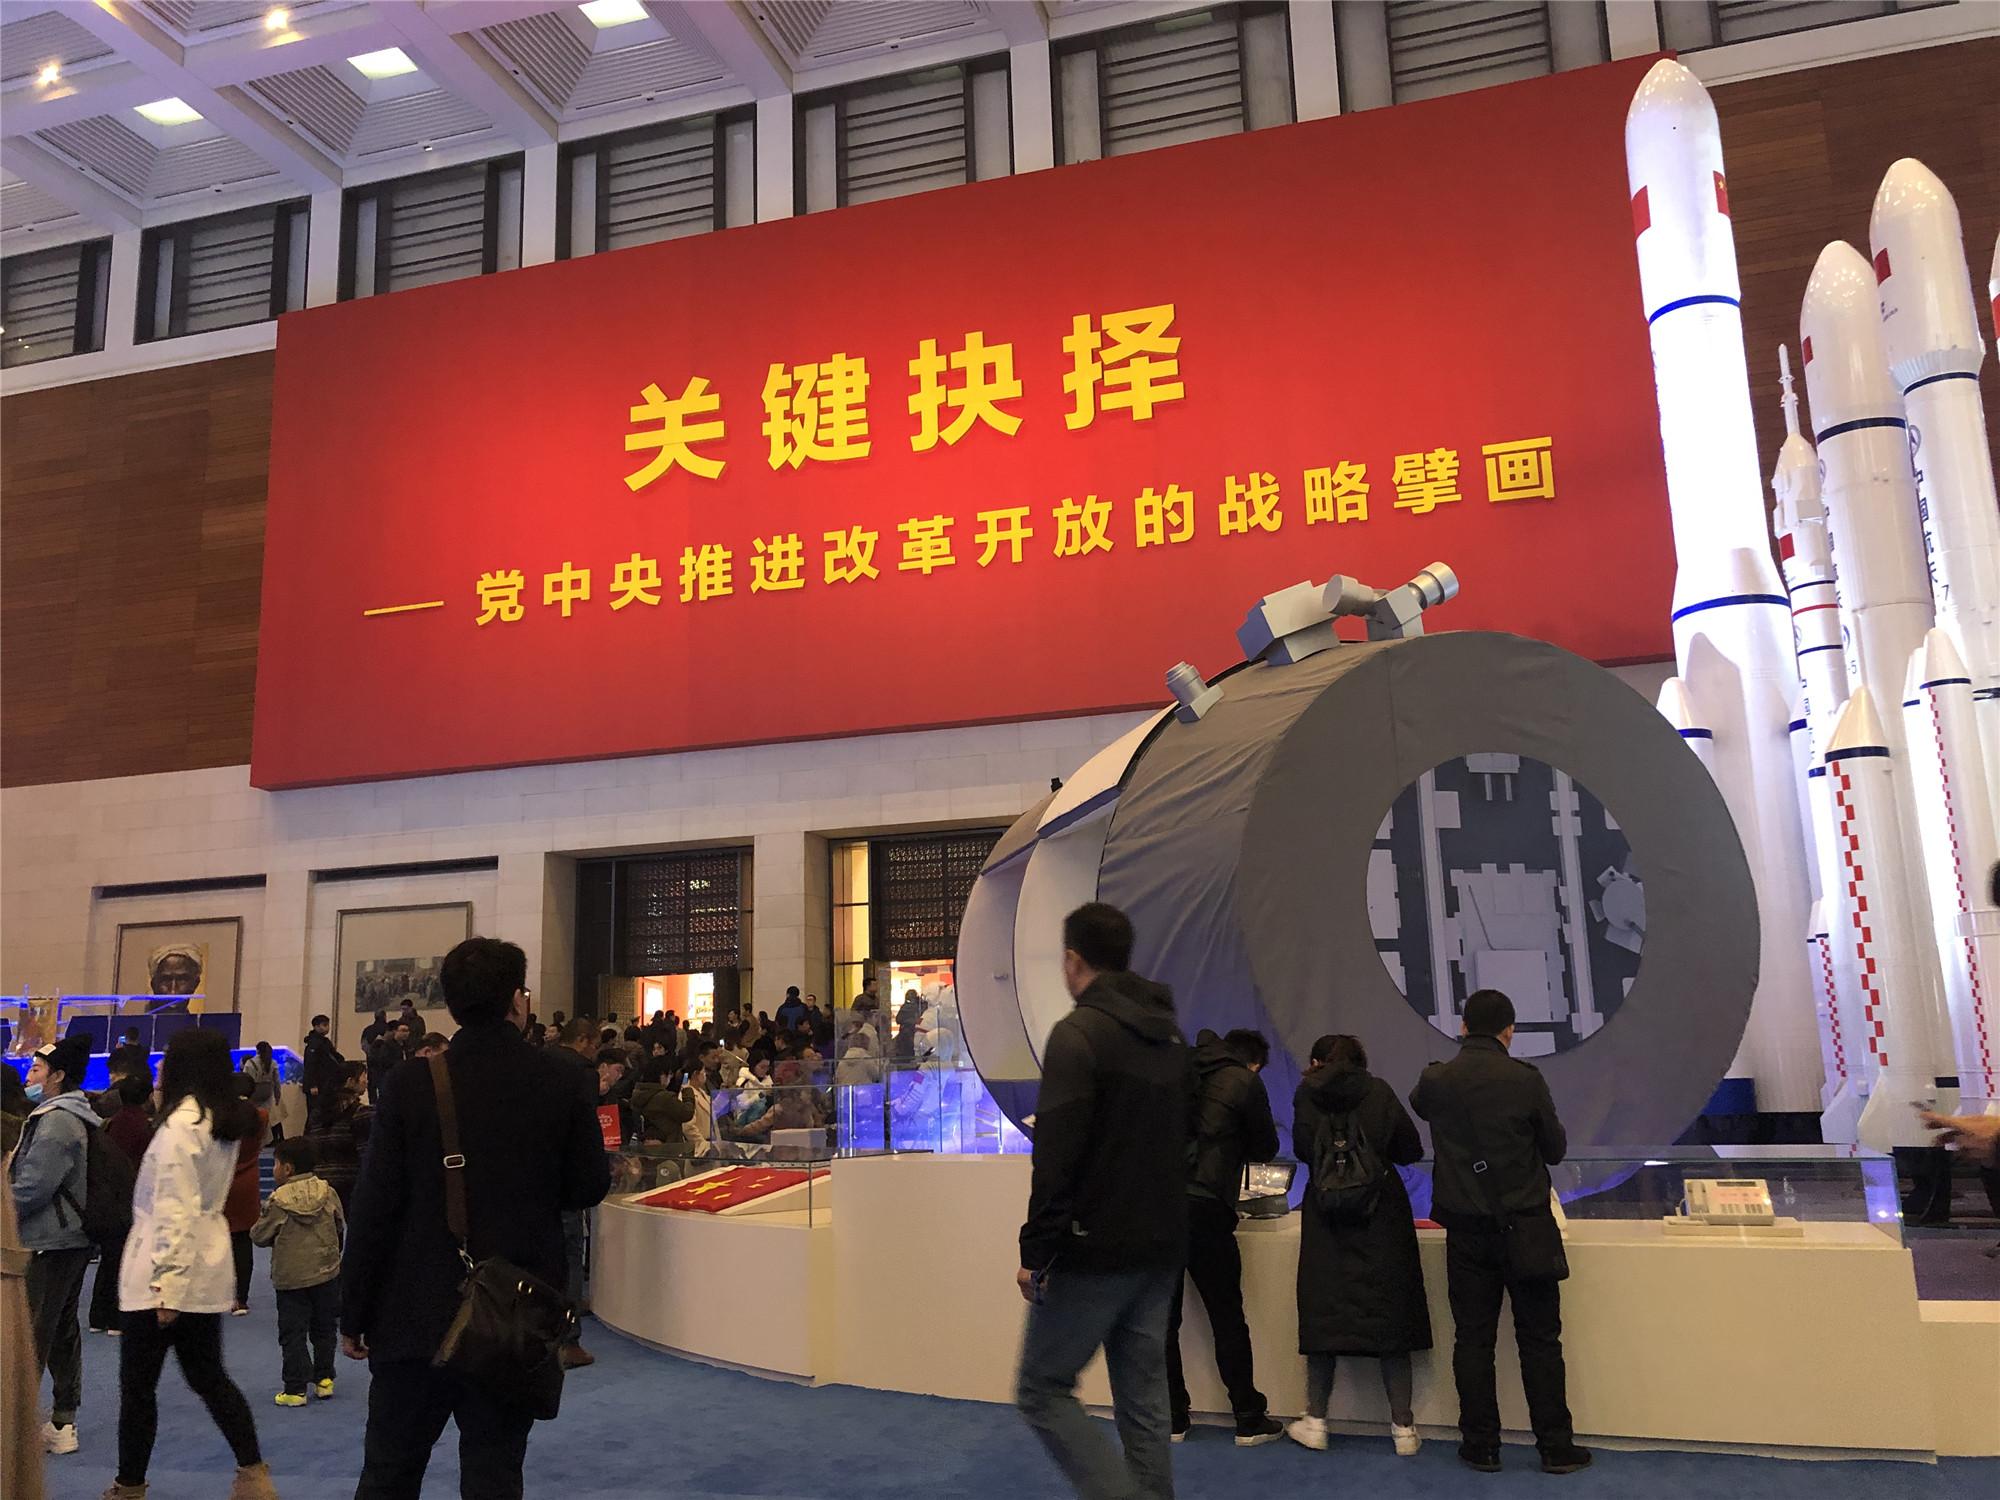 组图丨伟大的变革——庆祝改革开放40周年大型展览在京开幕